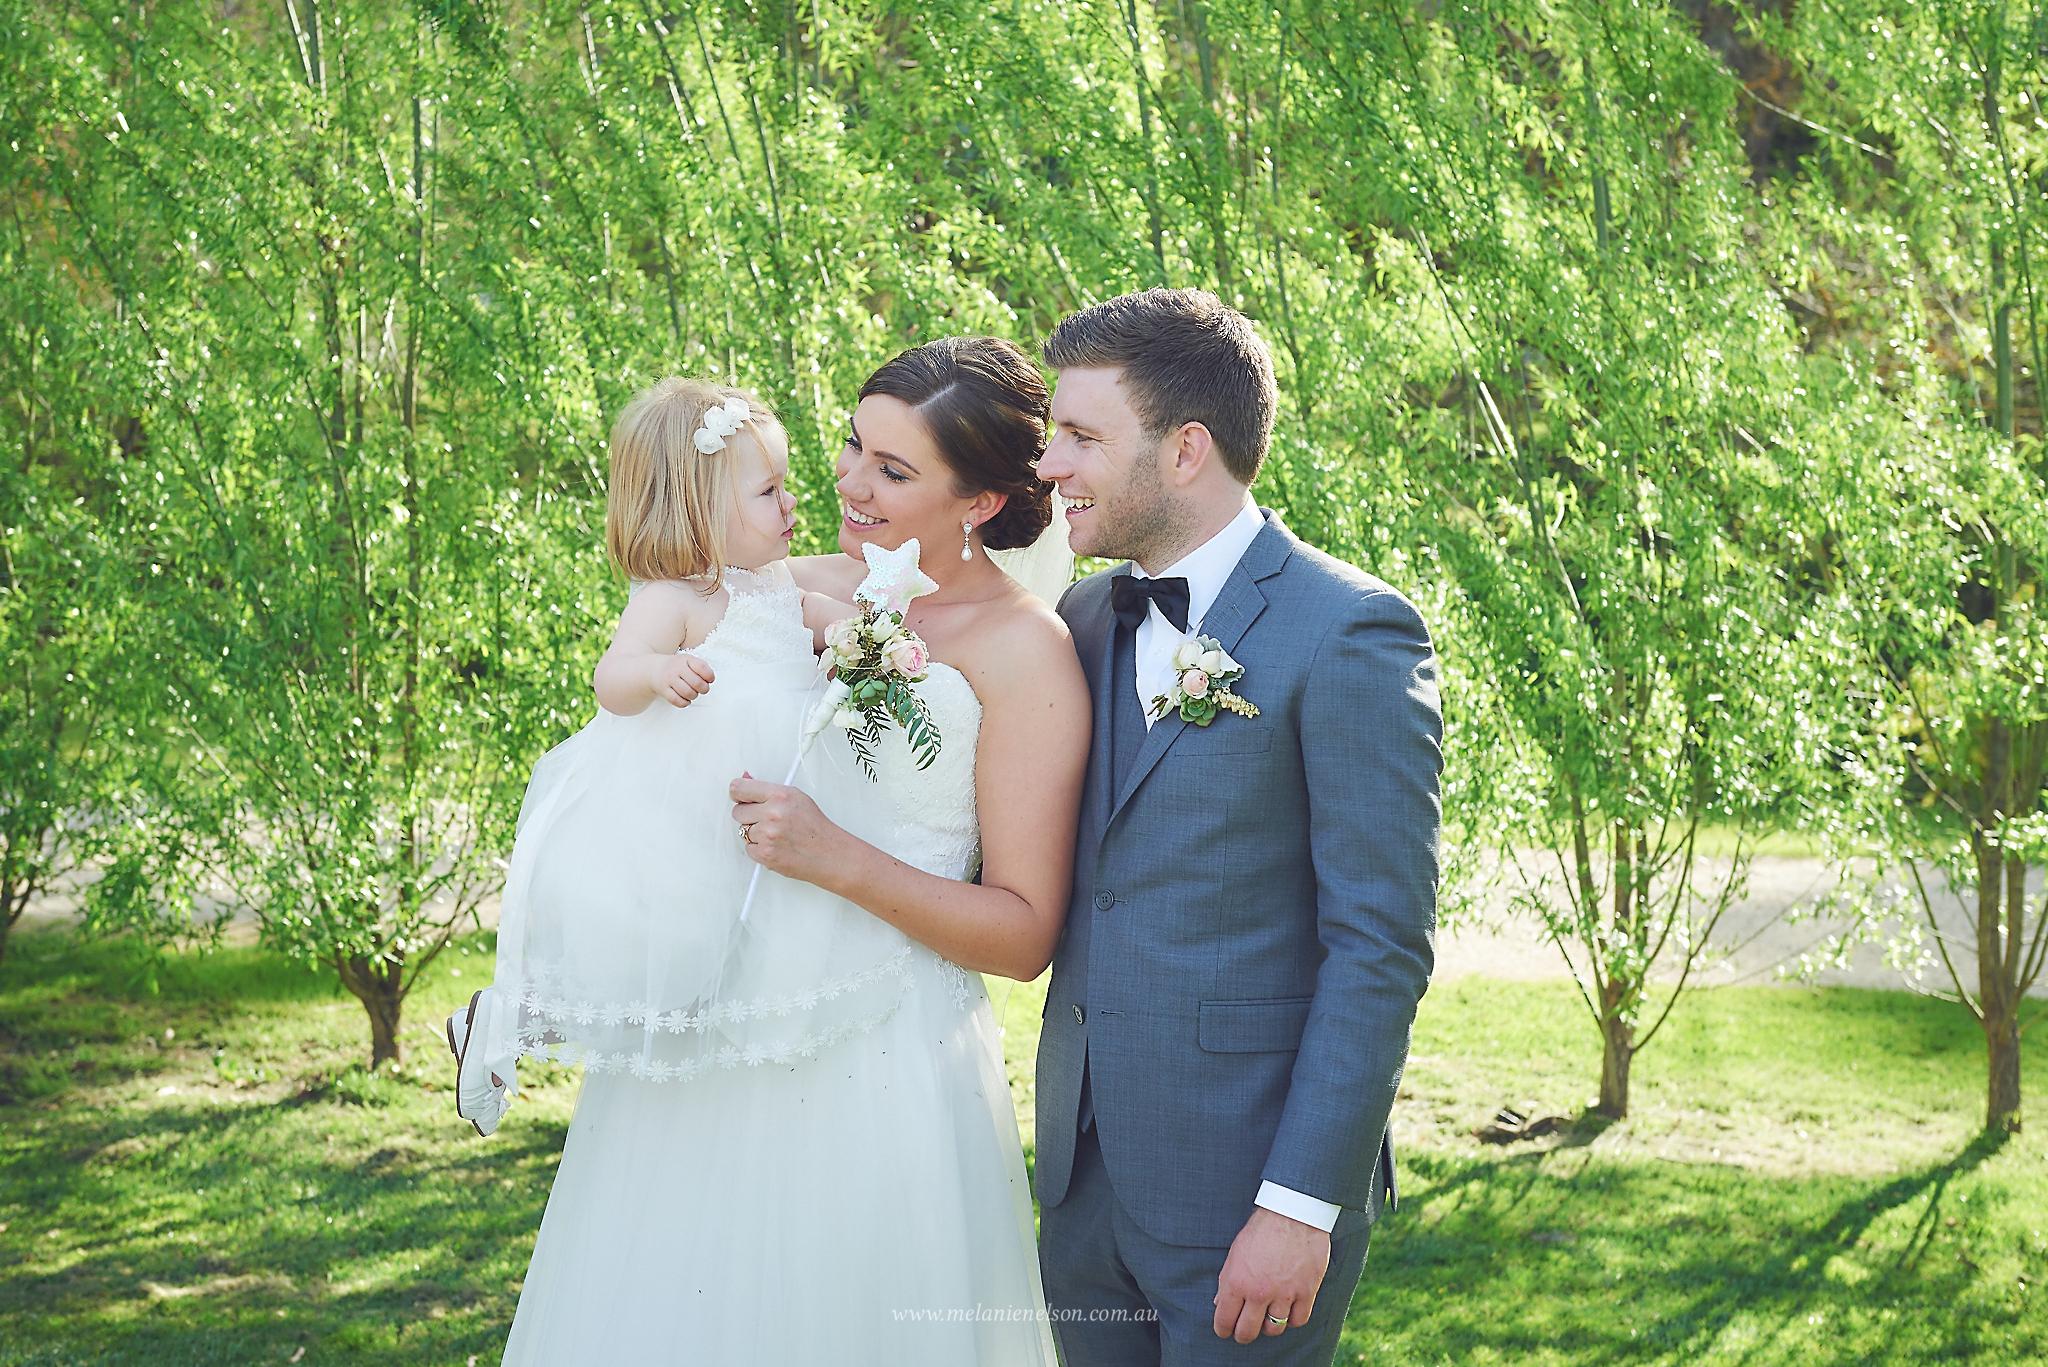 howards_vineyard_wedding_0005.jpg